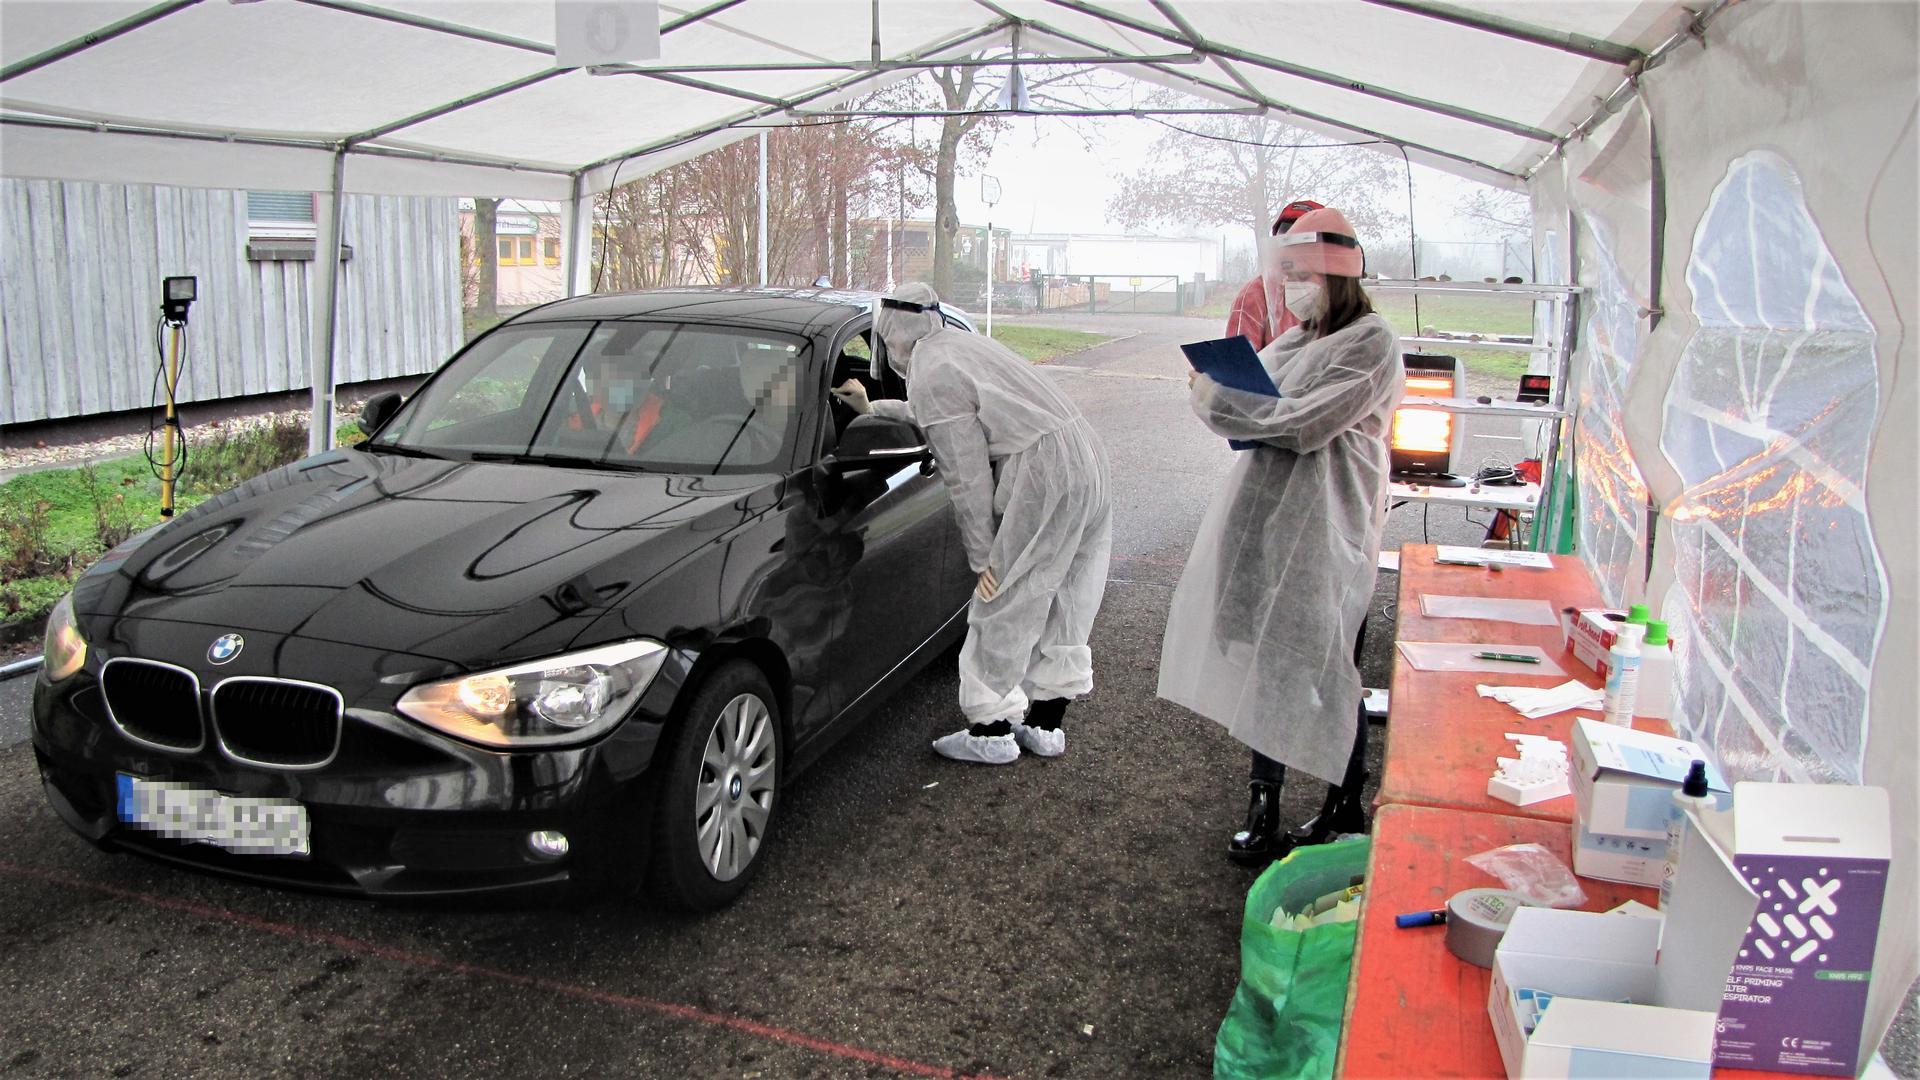 Im Testzelt: Immer nur ein Auto fährt für einen Corona-Schnelltest in Bruchhausen vor, wo sich geschultes Fachpersonal um die Testwilligen kümmert.